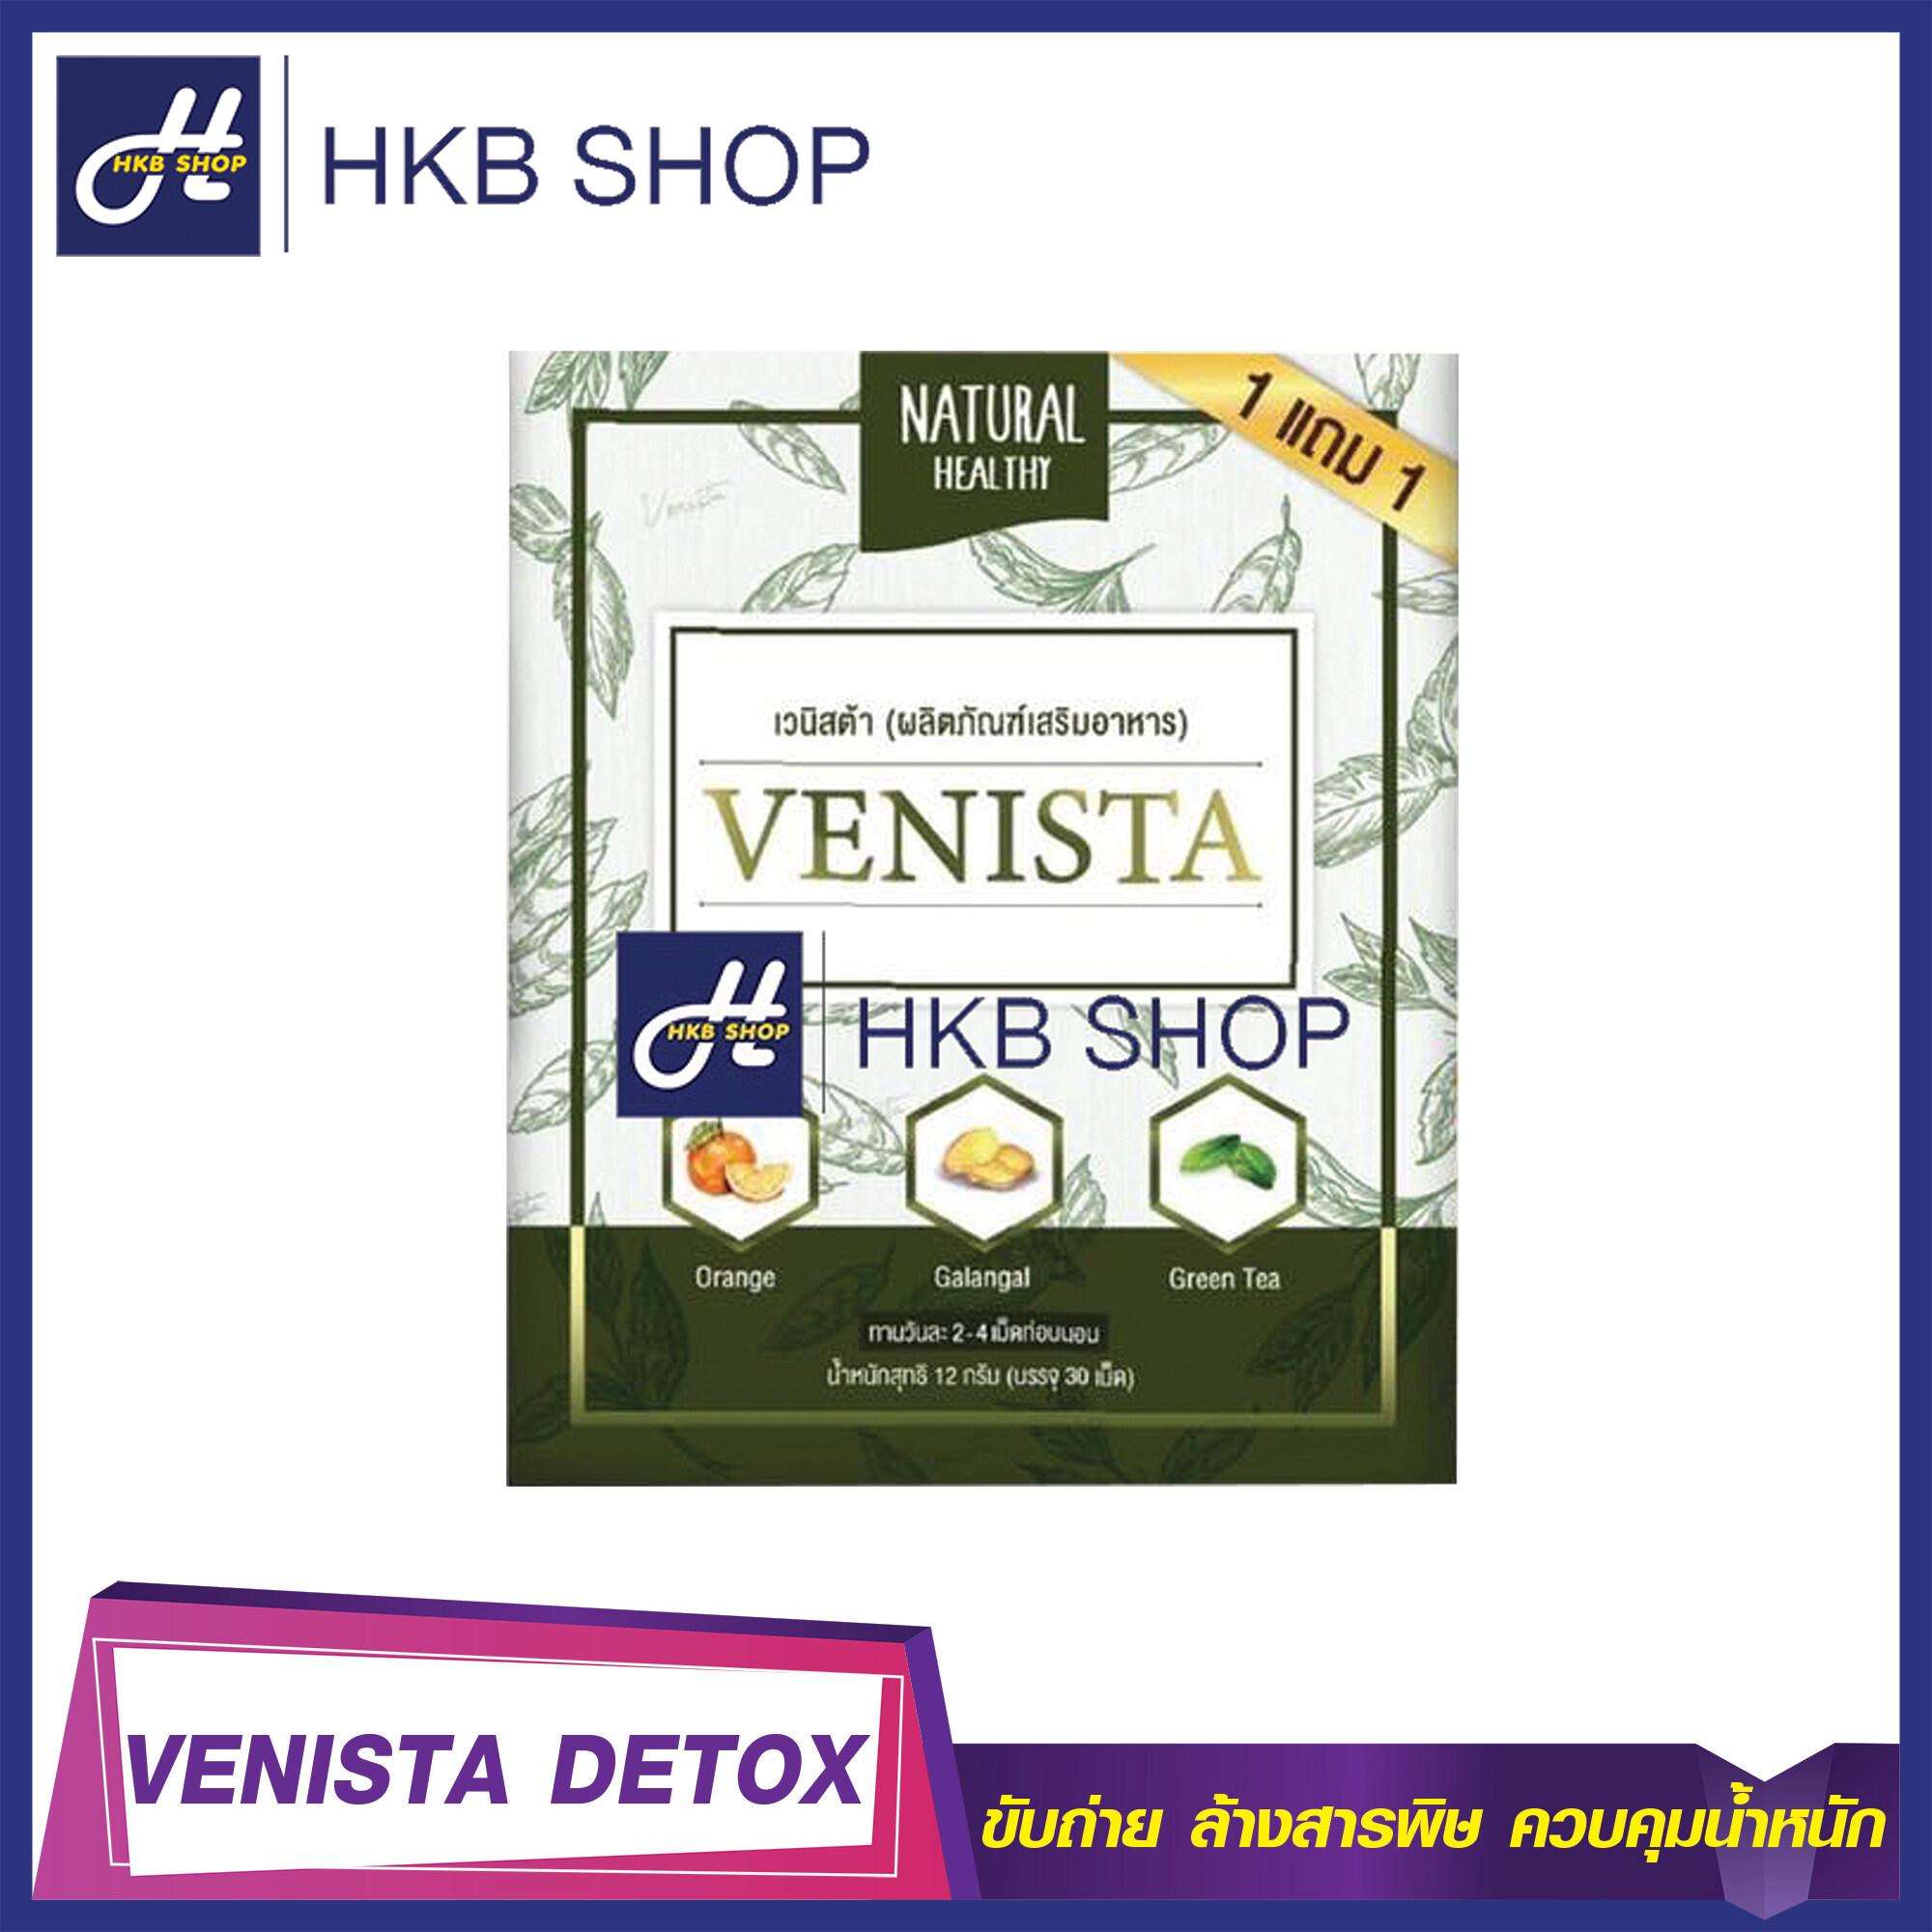 ⚡️1กล่อง/ไม่แถม⚡️ Venista Detox เวนิสต้า ดีทอกซ์ ผลิตภัณฑ์เสริมอาหาร ช่วยขับถ่าย By Hkb Shop.